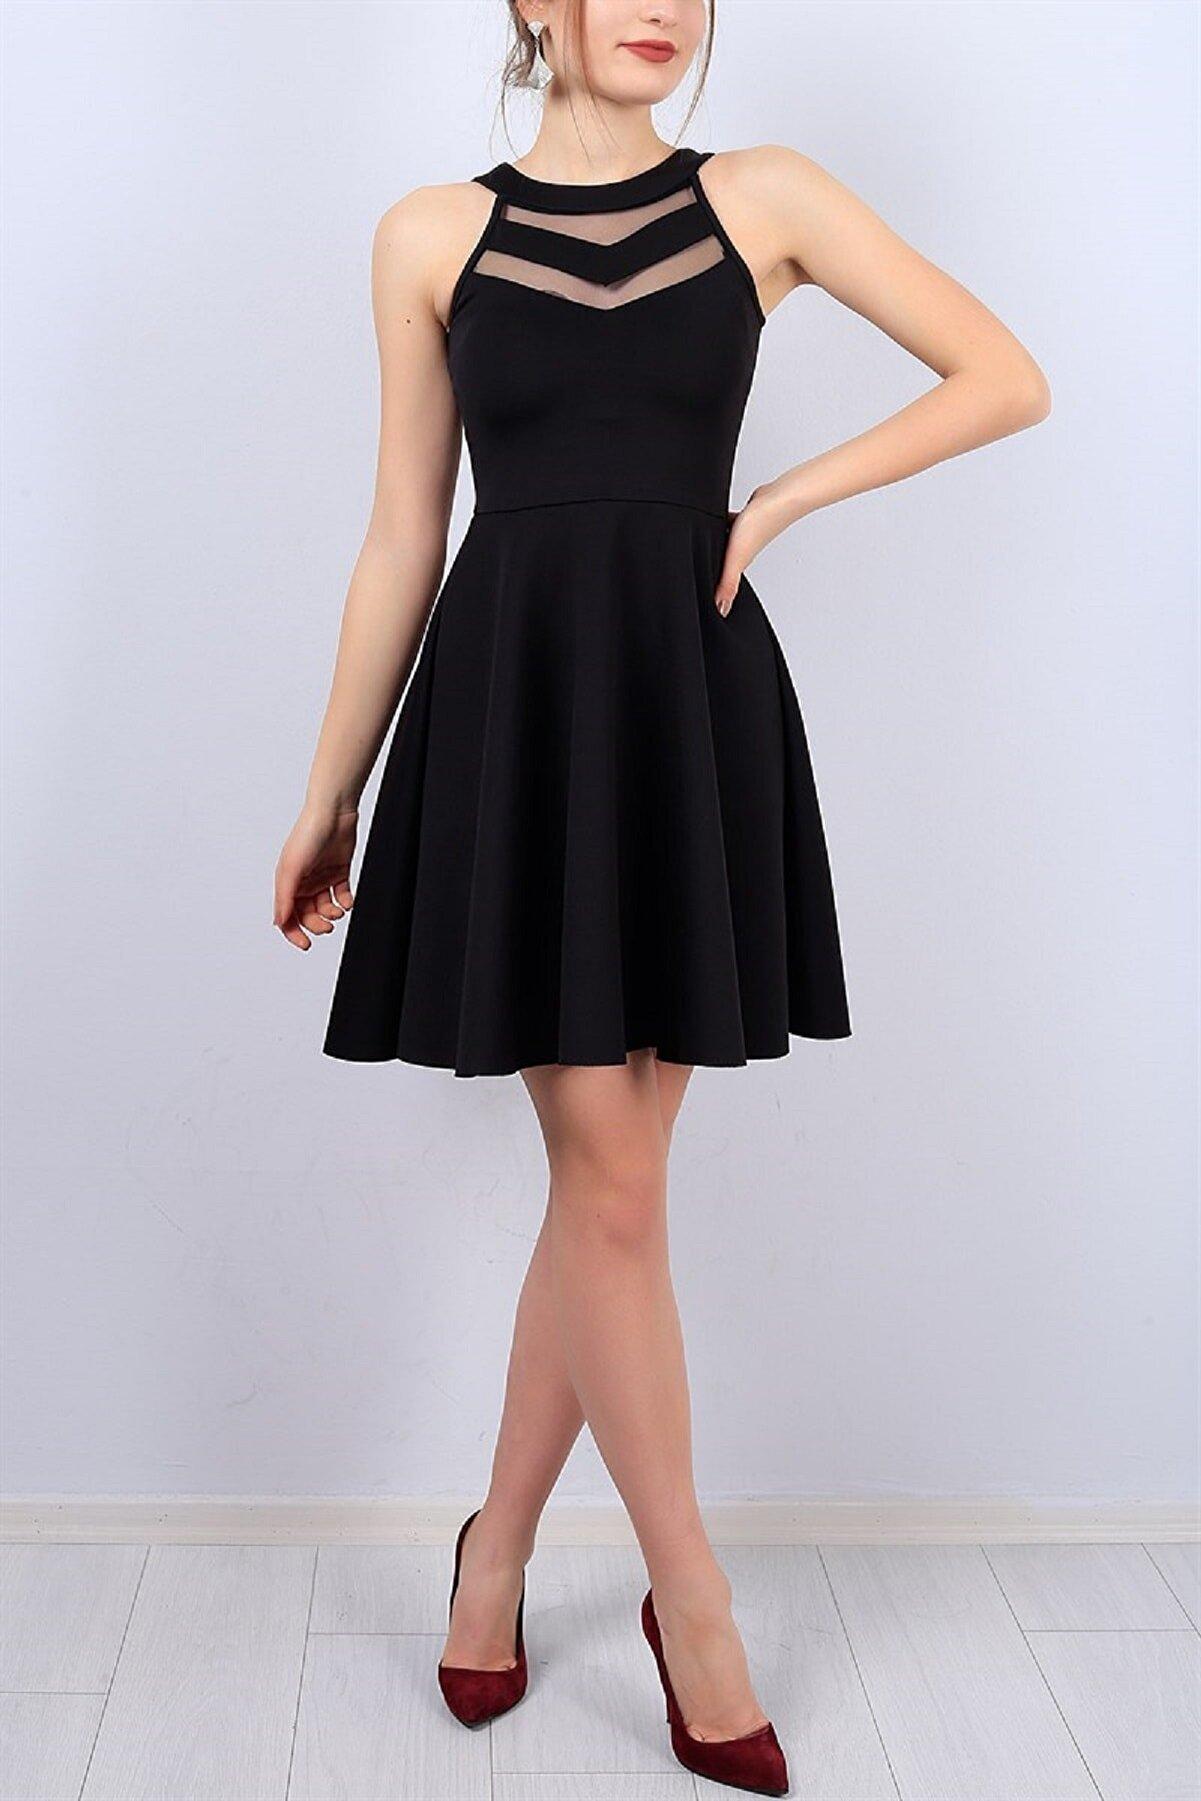 lovebox Kadın Esnek Scuba Kumaş Transparan Detaylı Siyah Elbise